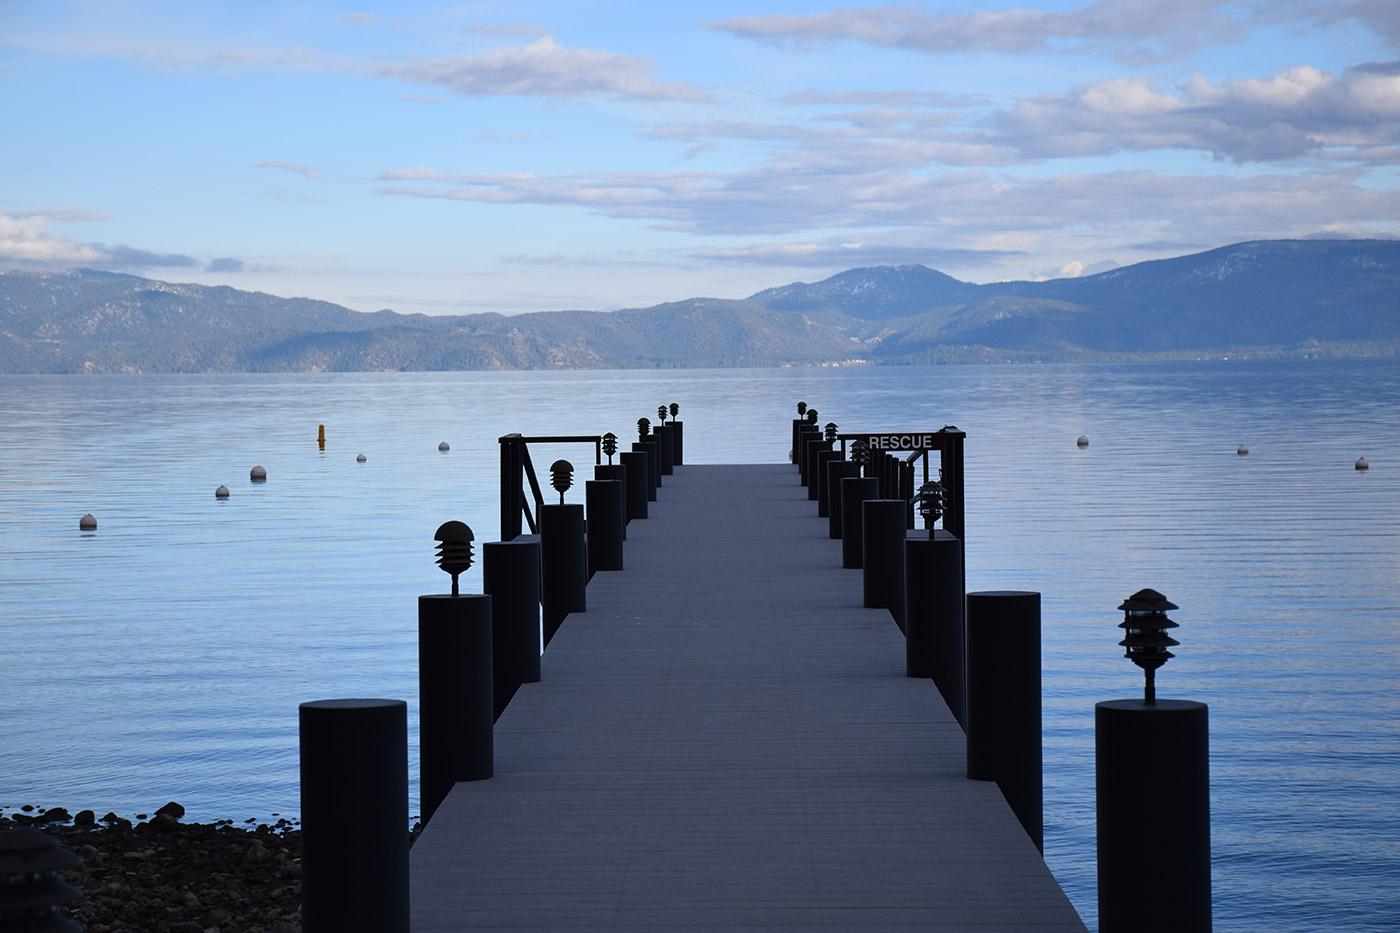 lake-tahoe-dock-west-shore.jpg